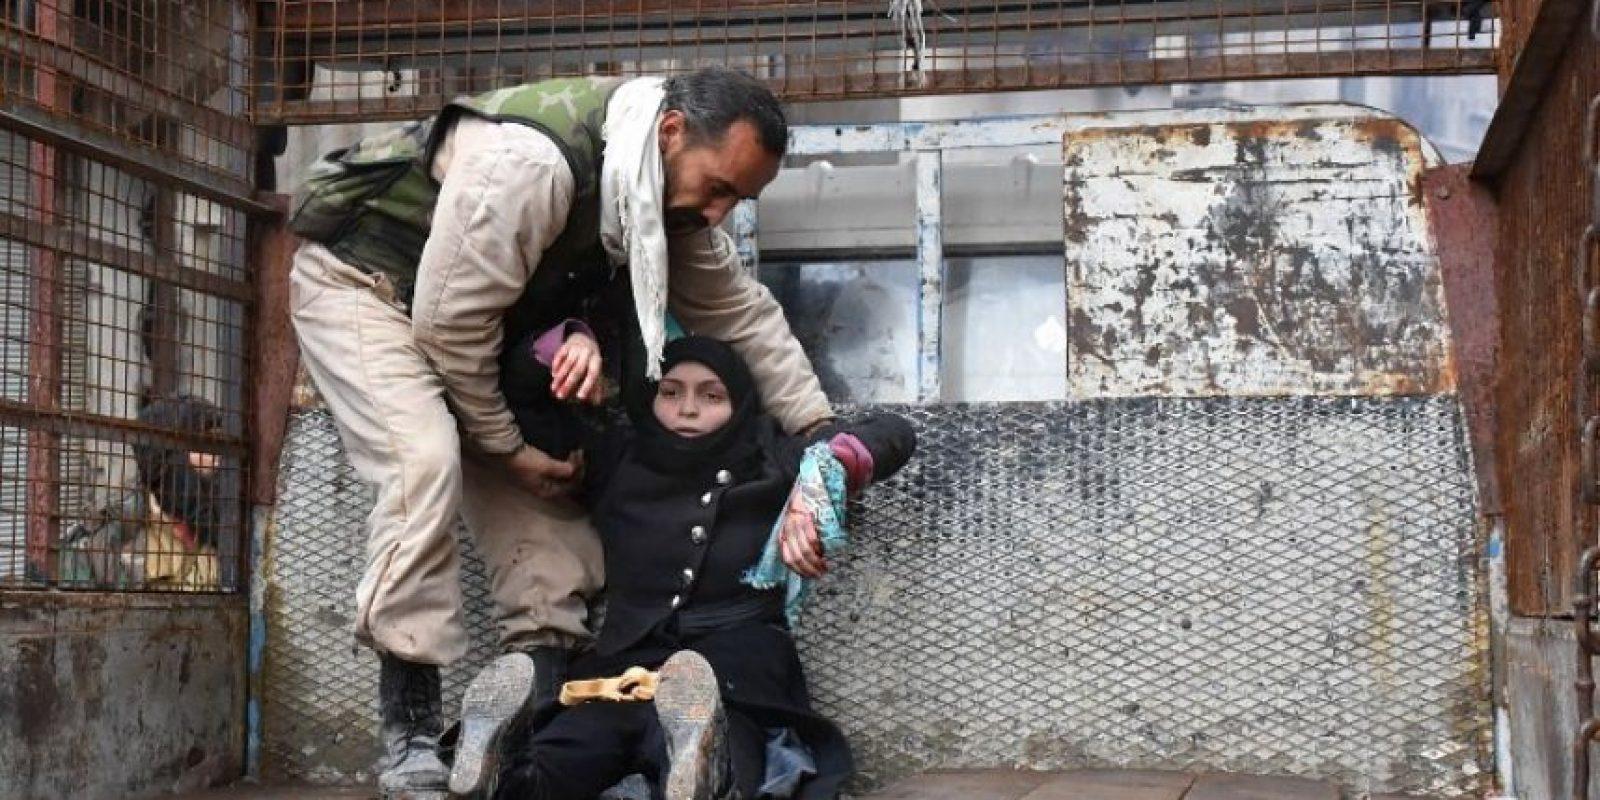 Tras varias horas de negociaciones, que culminaron a las 01H00 GMT, un alto responsable militar sirio anunció la firma de un nuevo acuerdo de evacuación. Foto:Afp. Imagen Por: